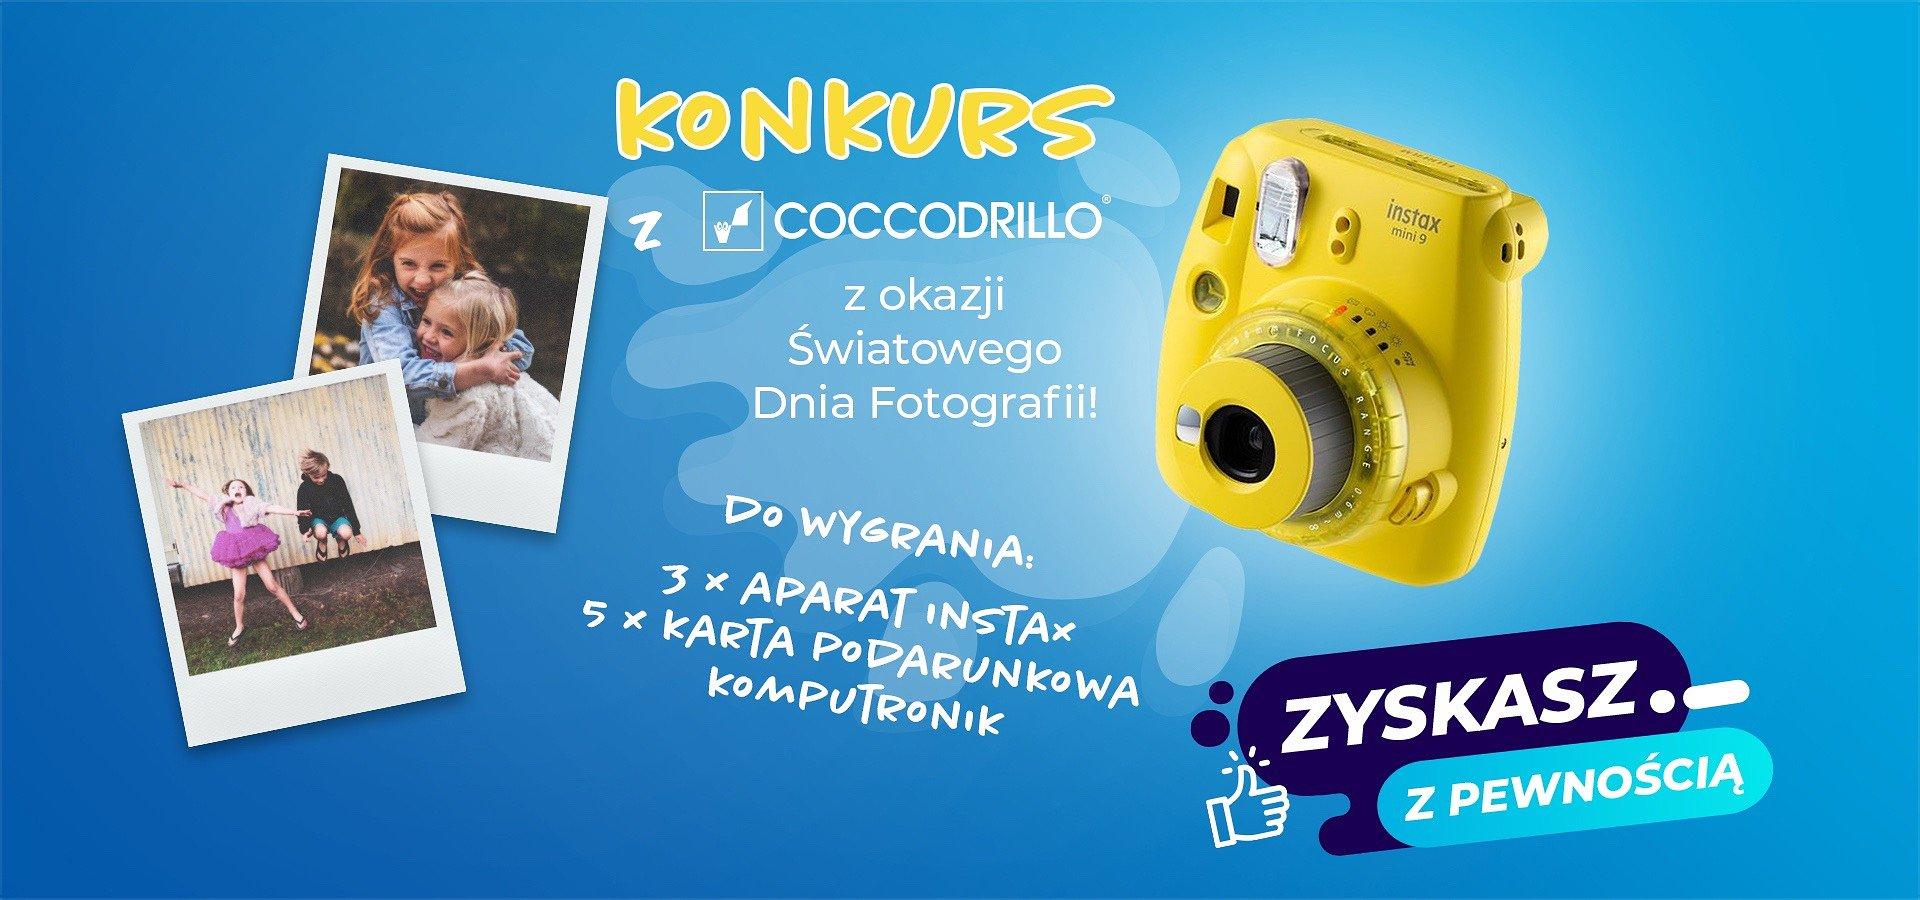 Cyknij fotkę z przyjaciółmi i zgarnij Instax Mini!